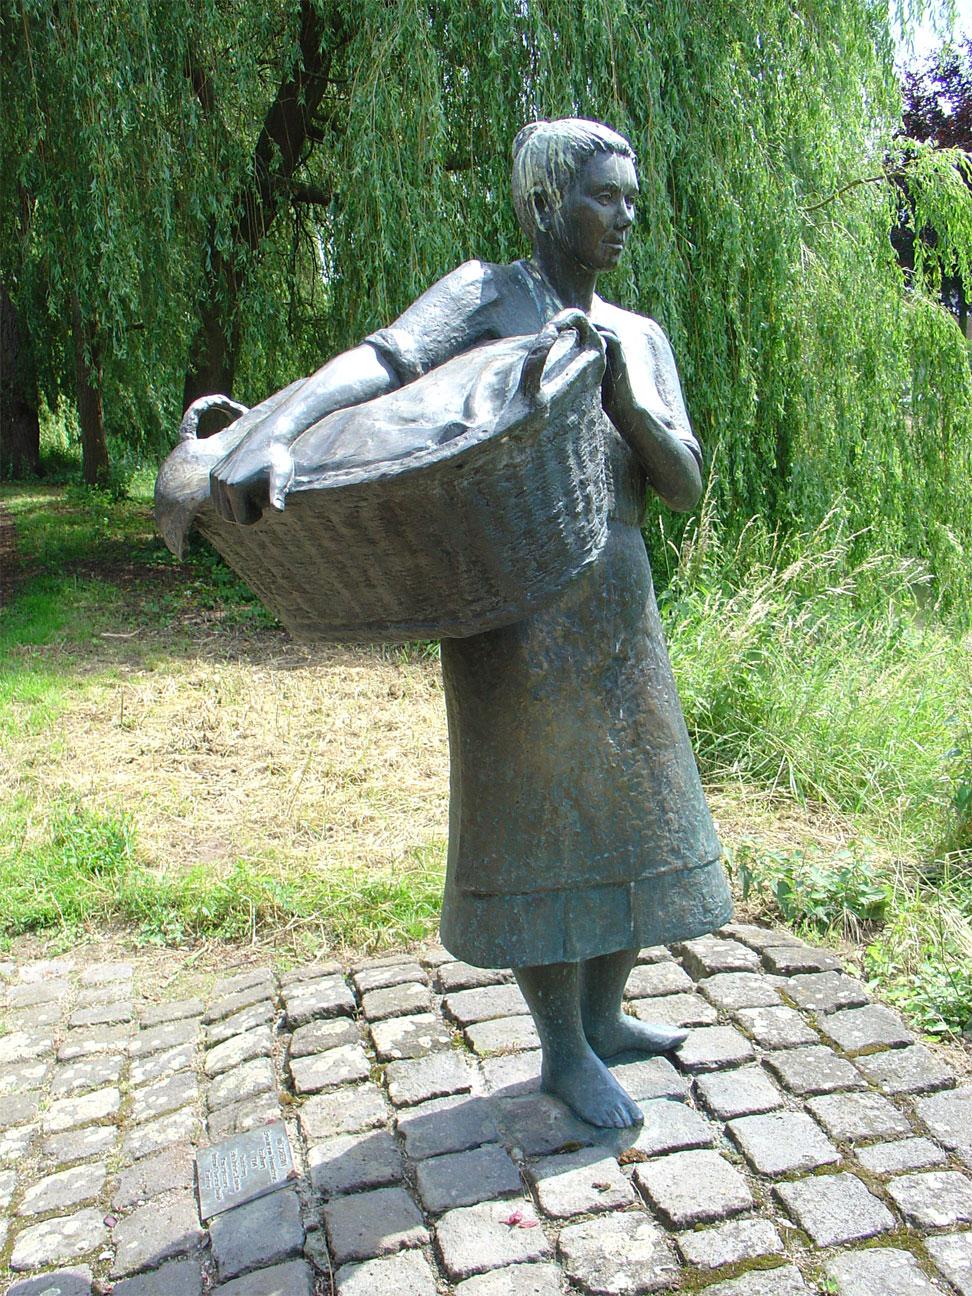 FileWasvrouw Isselburg door Erika Rutert.jpg & File:Wasvrouw Isselburg door Erika Rutert.jpg - Wikimedia Commons